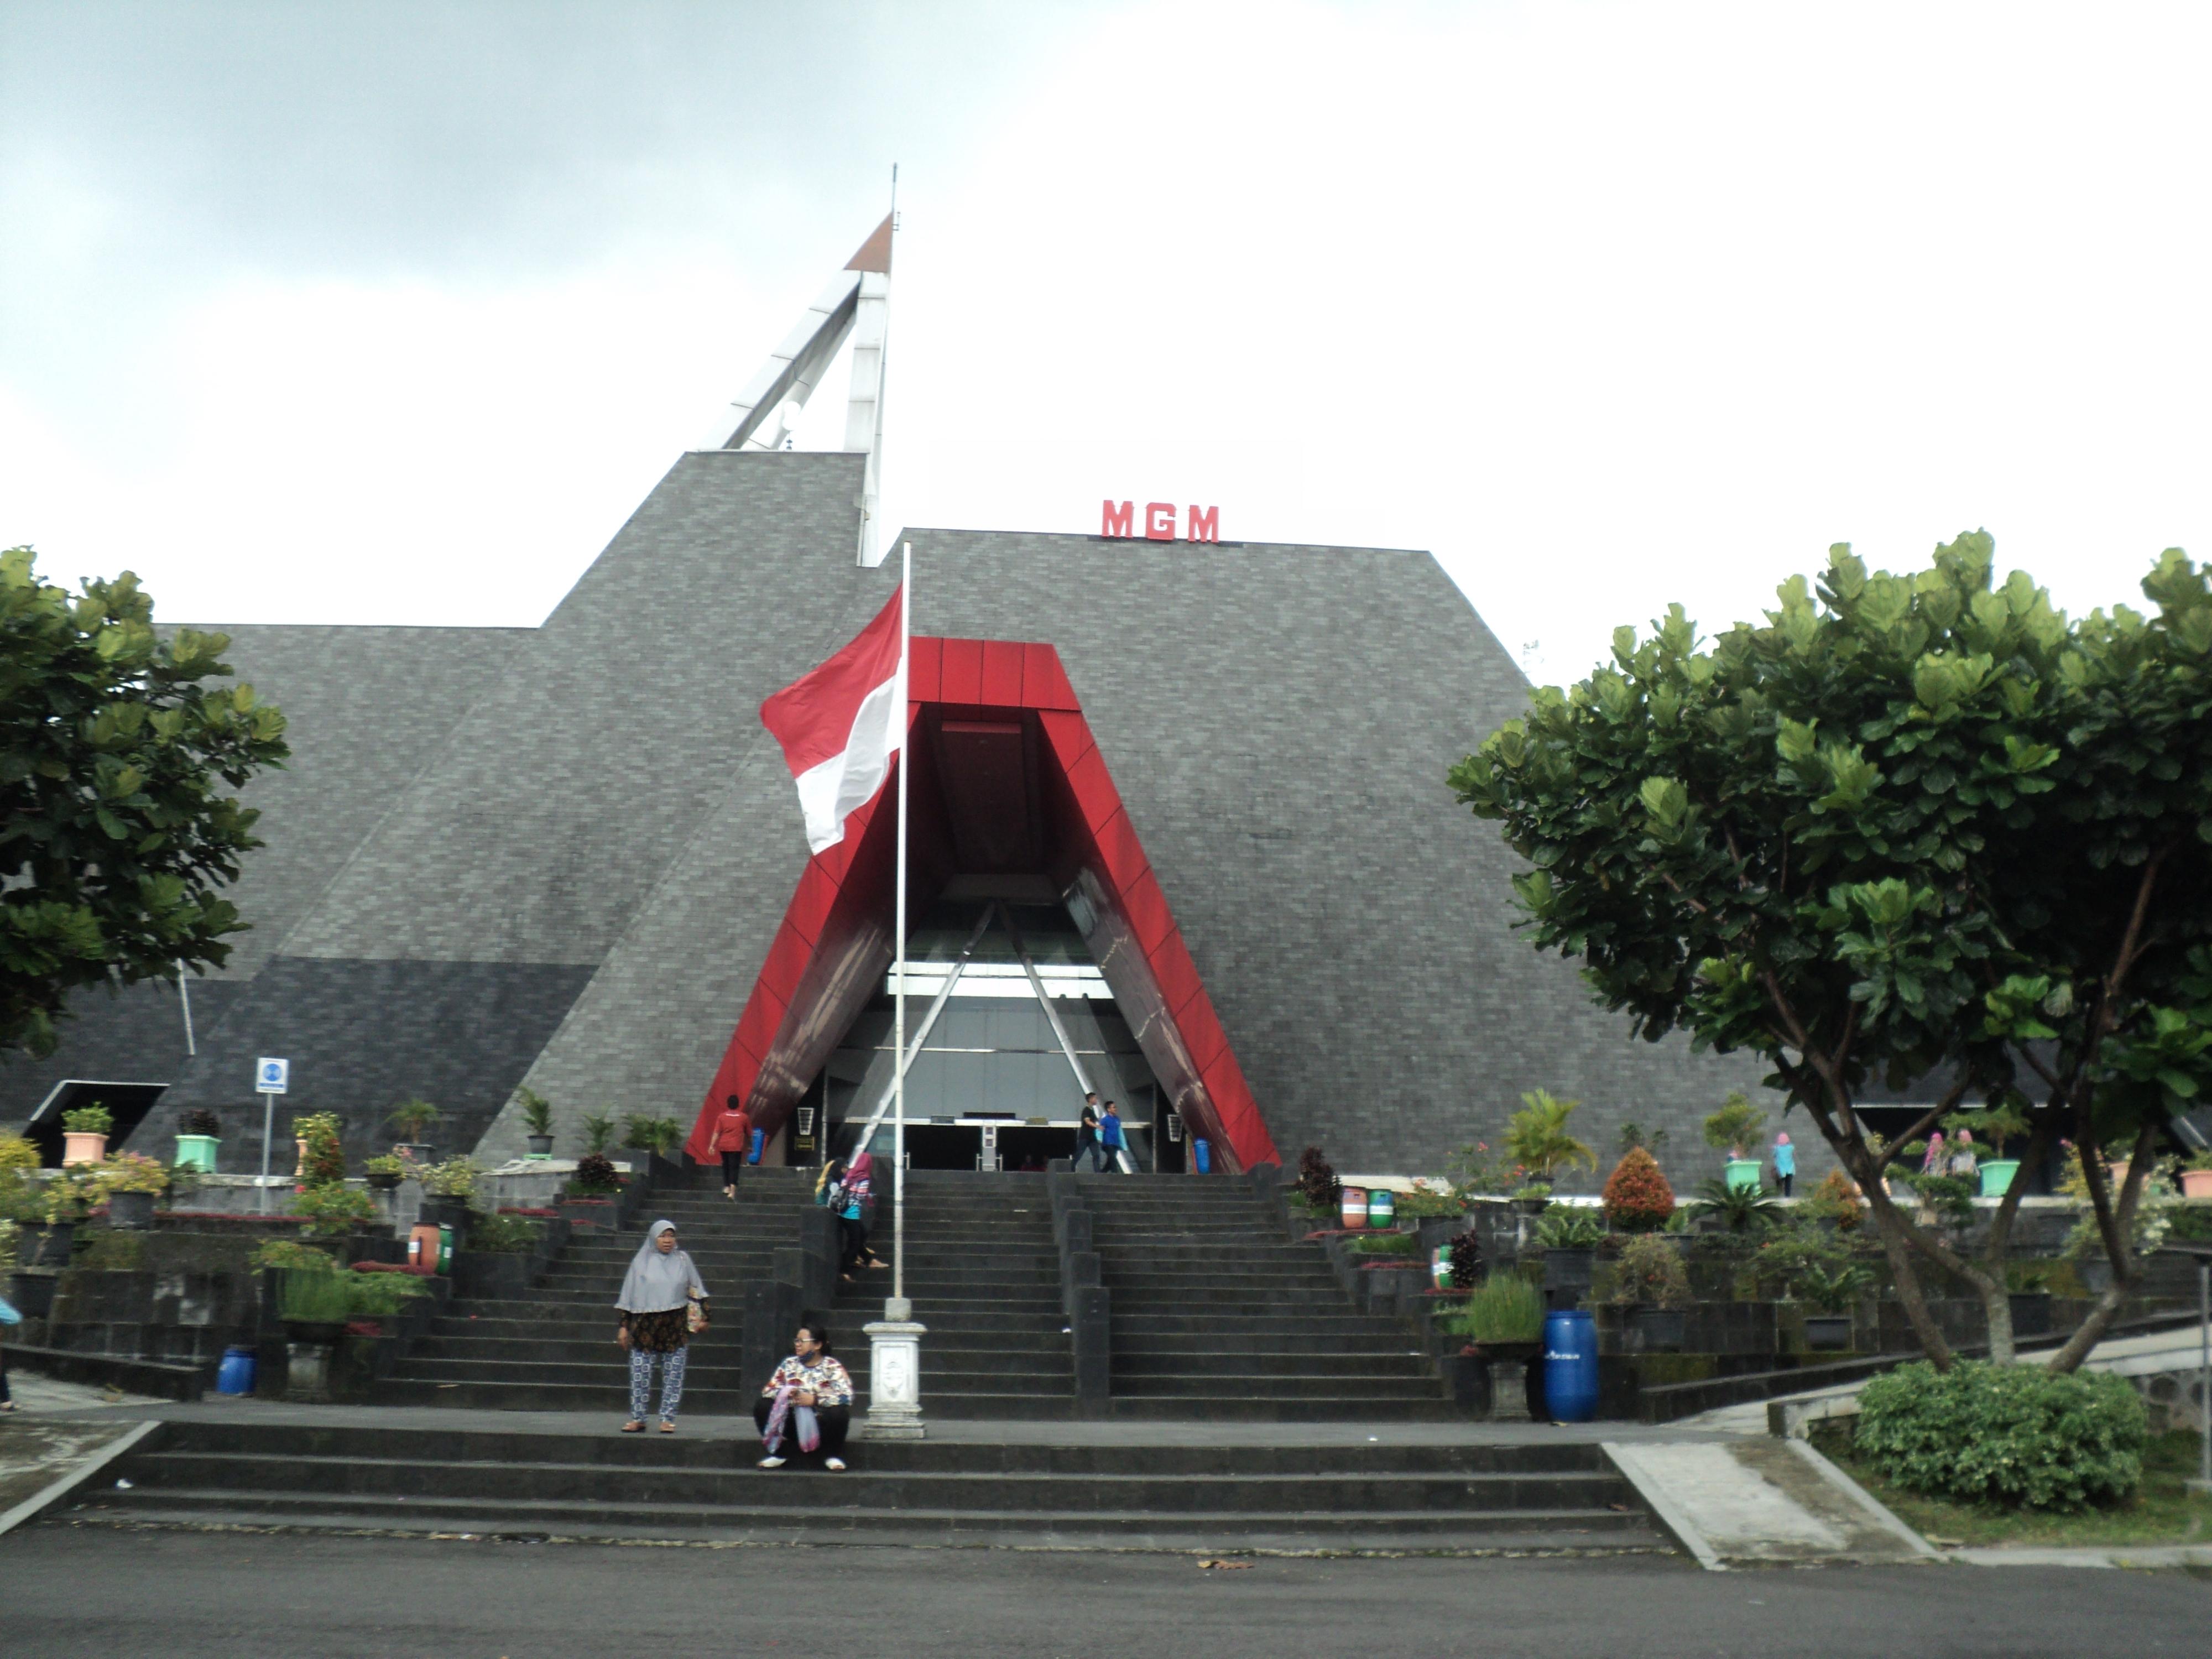 wisata merapi museum